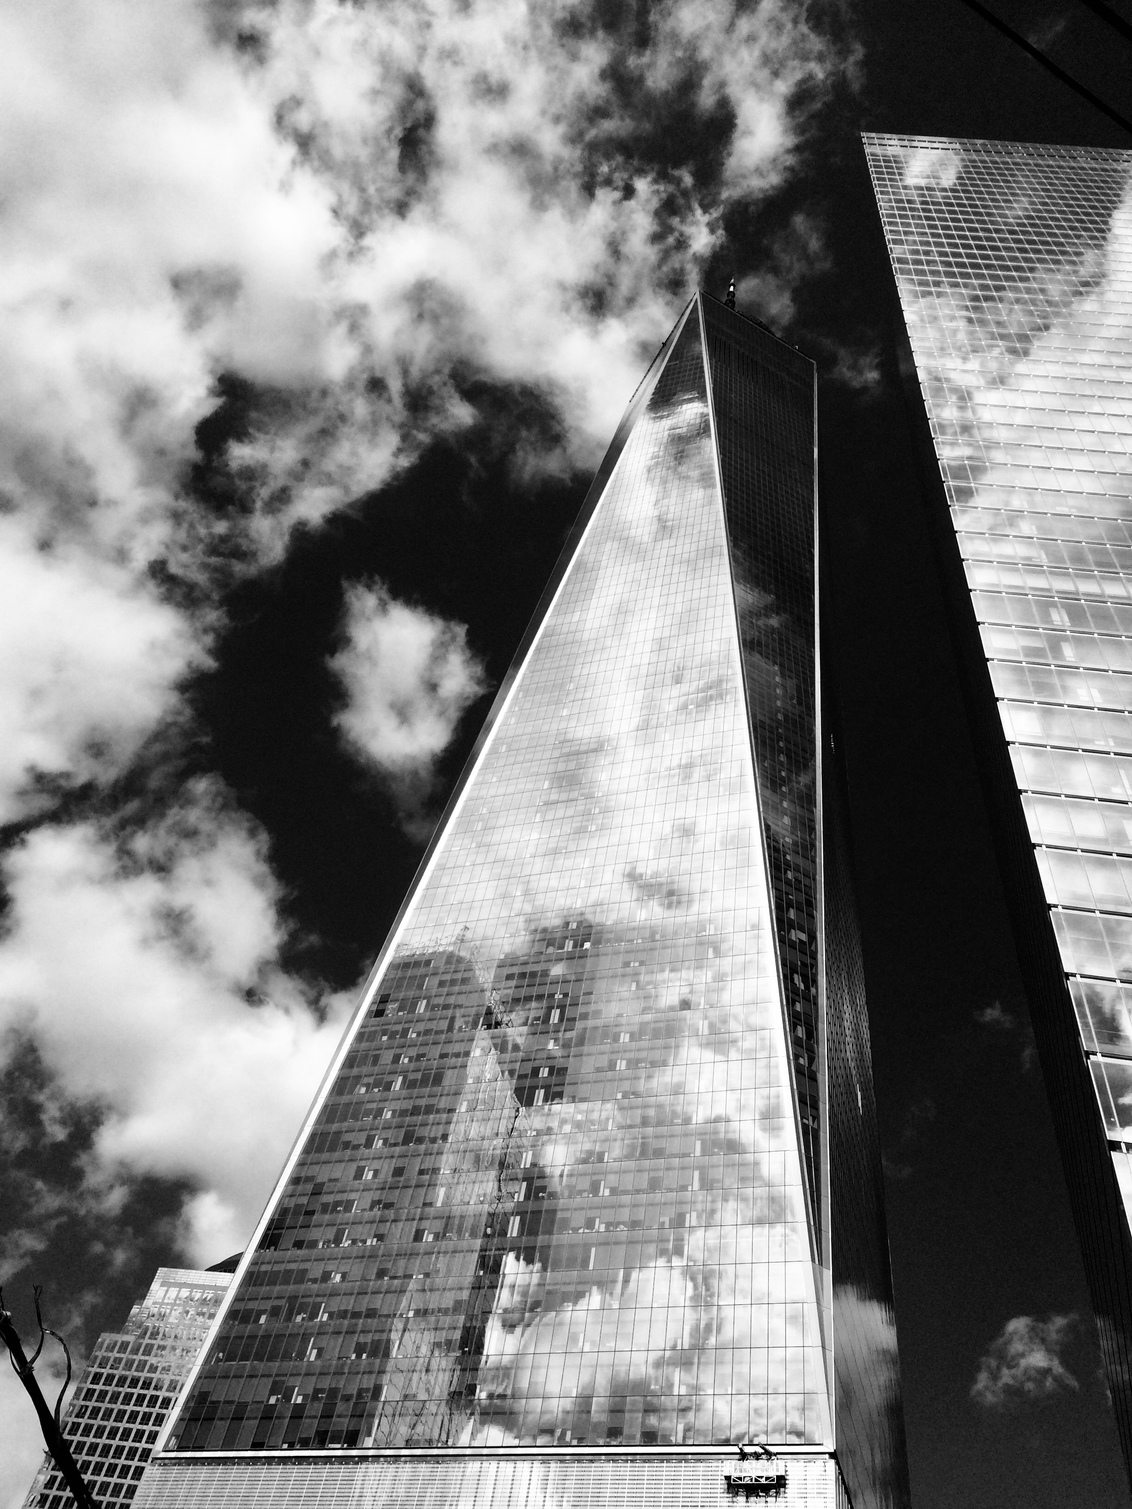 8plus - cloudy in new york - een prachtige dag in nyc - foto door ilseselten op 21-10-2020 - deze foto bevat: lucht, zon, architectuur, gebouw, nyc, zwartwit, cloud, urban exploring